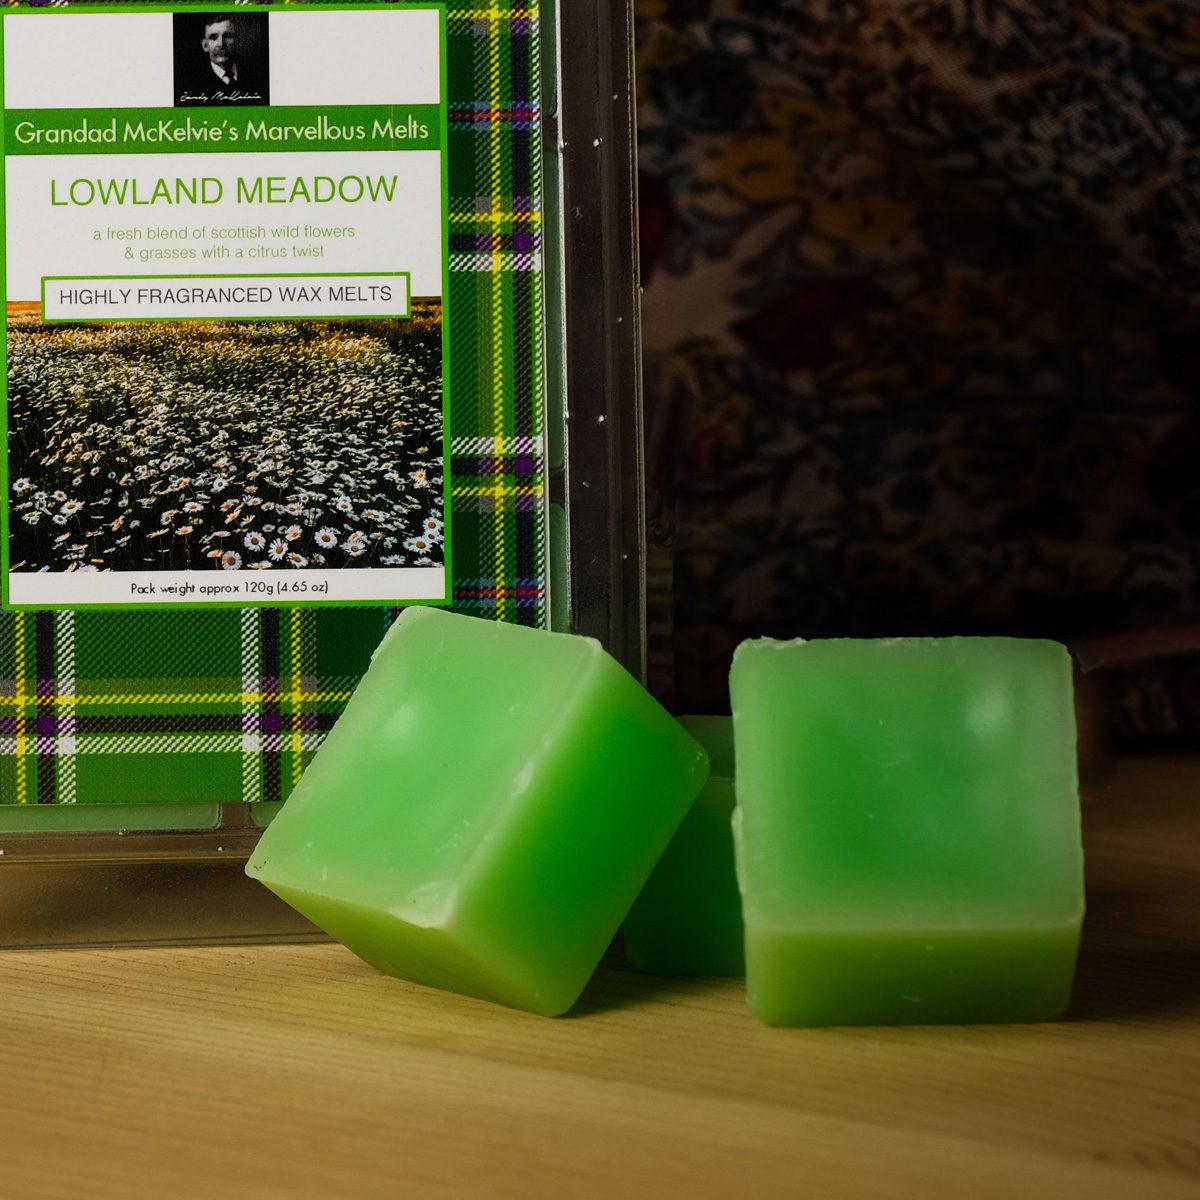 Lowland Meadow Wax Melts